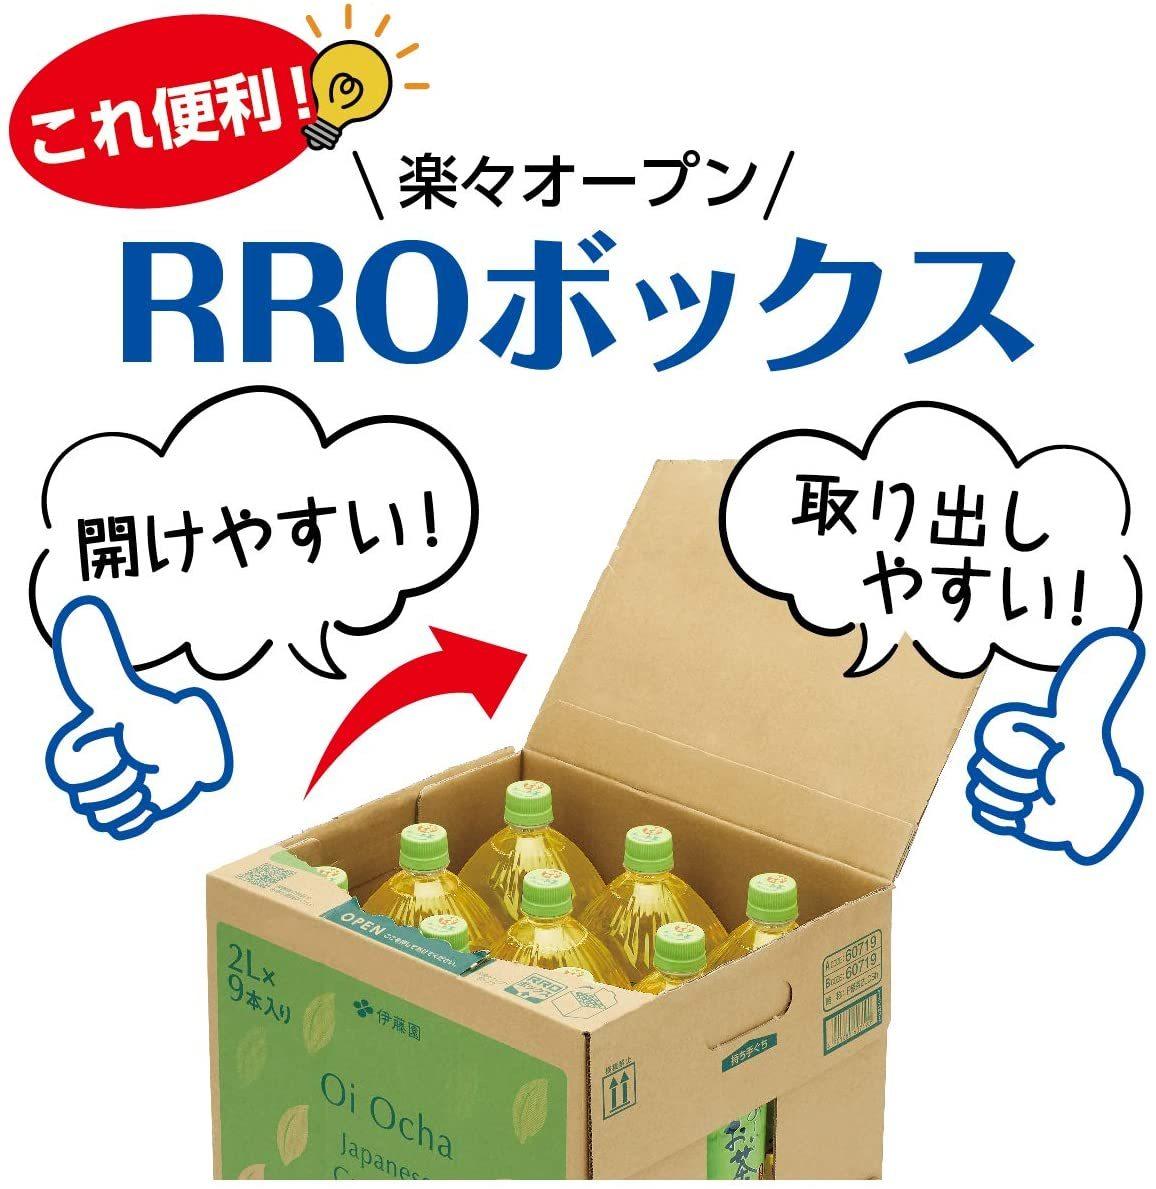 【即決】【送料無料】伊藤園 RROボックス おーいお茶 緑茶 2L×9本○717-72_画像3